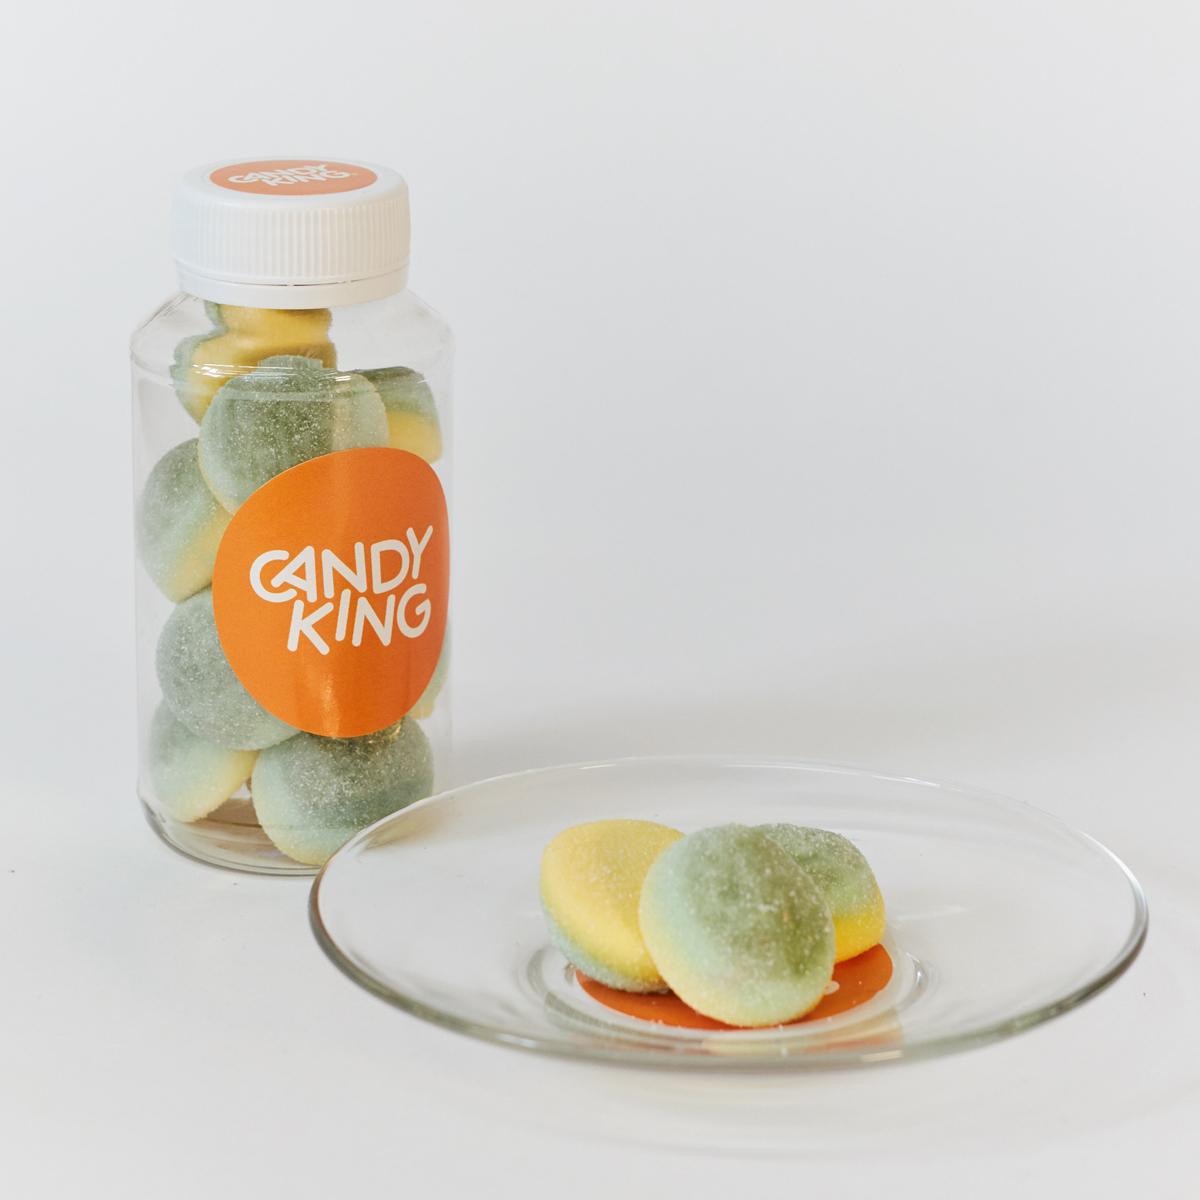 Candy King Лимонные бомбочки Конфета желейная с фруктовым вкусом, 200 мл как клетки в игре бомбочки